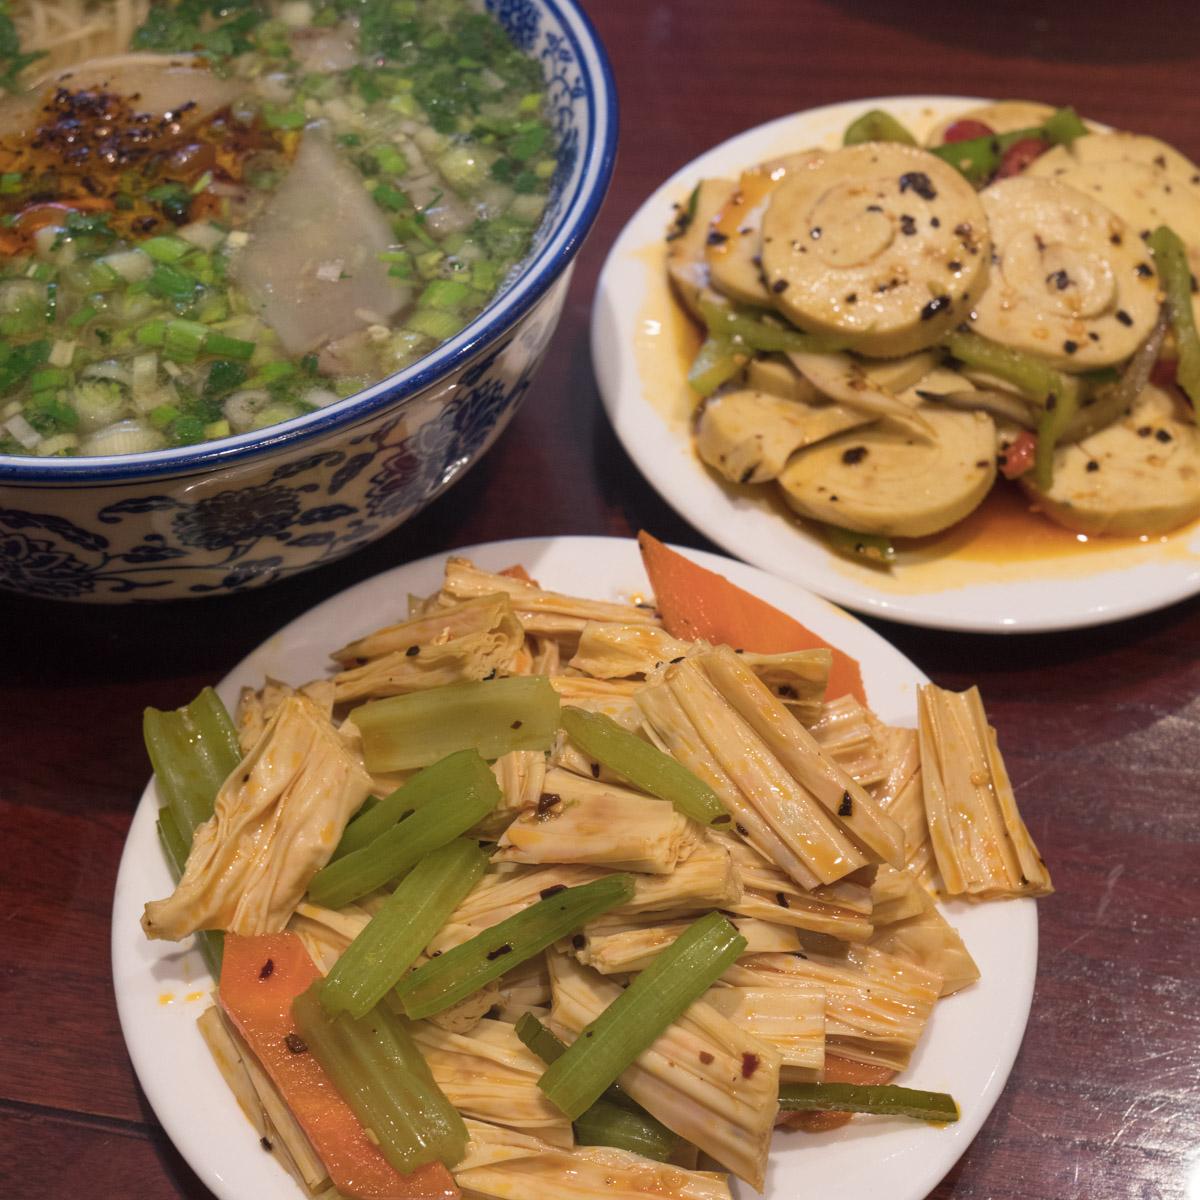 牛肉麺と湯葉、豆腐の炒め物 DMC-GX8 + LEICA DG 12-60mm